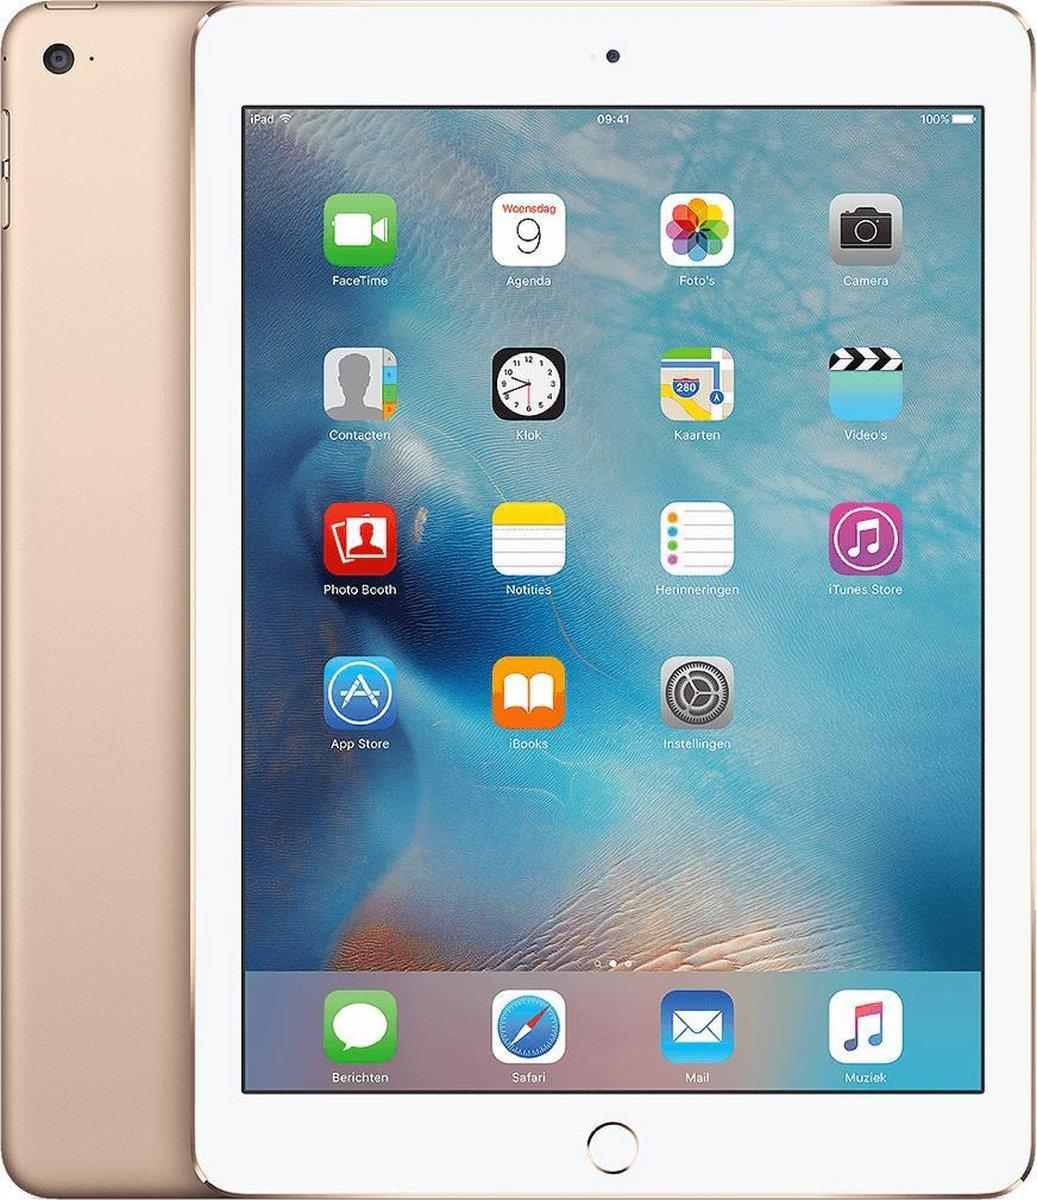 Apple iPad Air 2 refurbished door Forza - A-Grade (Zo goed als nieuw) - 64GB - Cellular (4G) - Goud